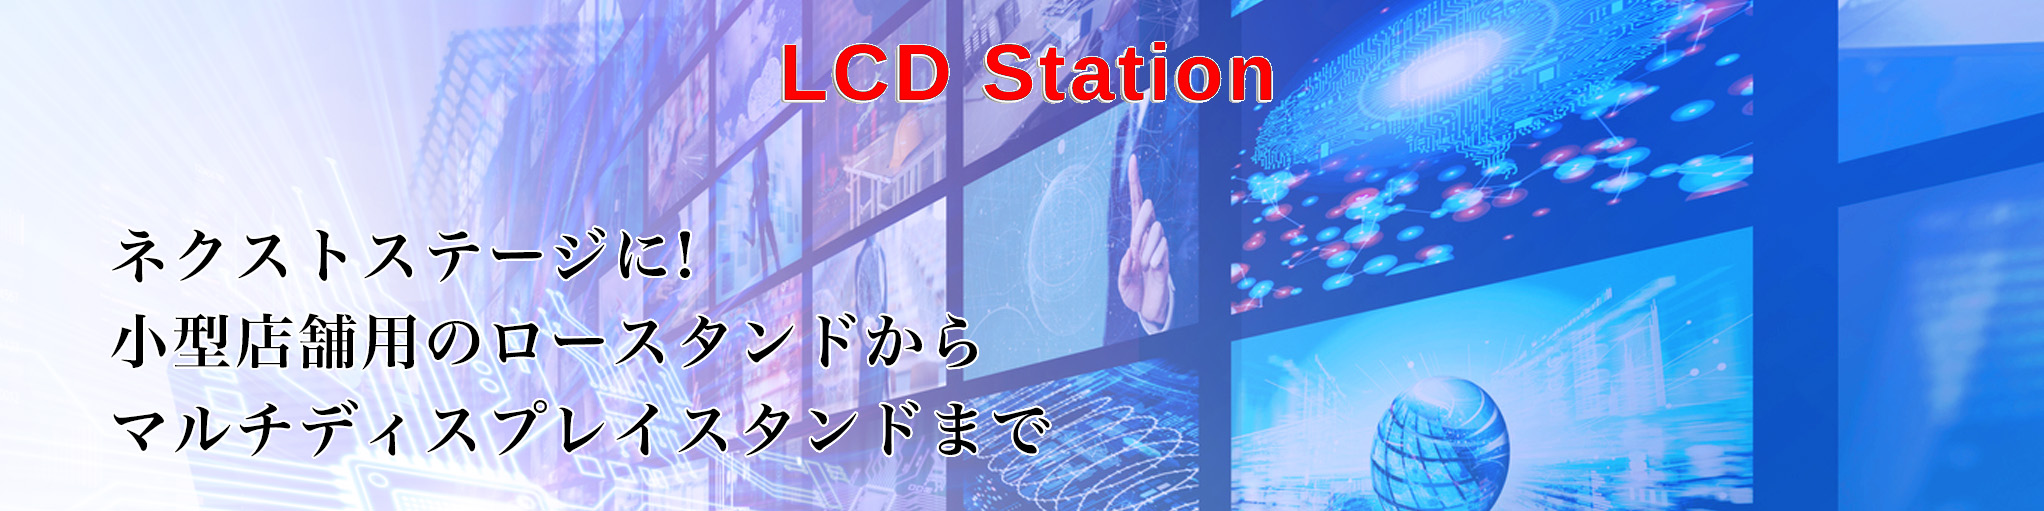 ネクストステージに! 小型店舗用のロースタンドからマルチディスプレイスタンドセットまで幅広くご提案致します。 LCD Station